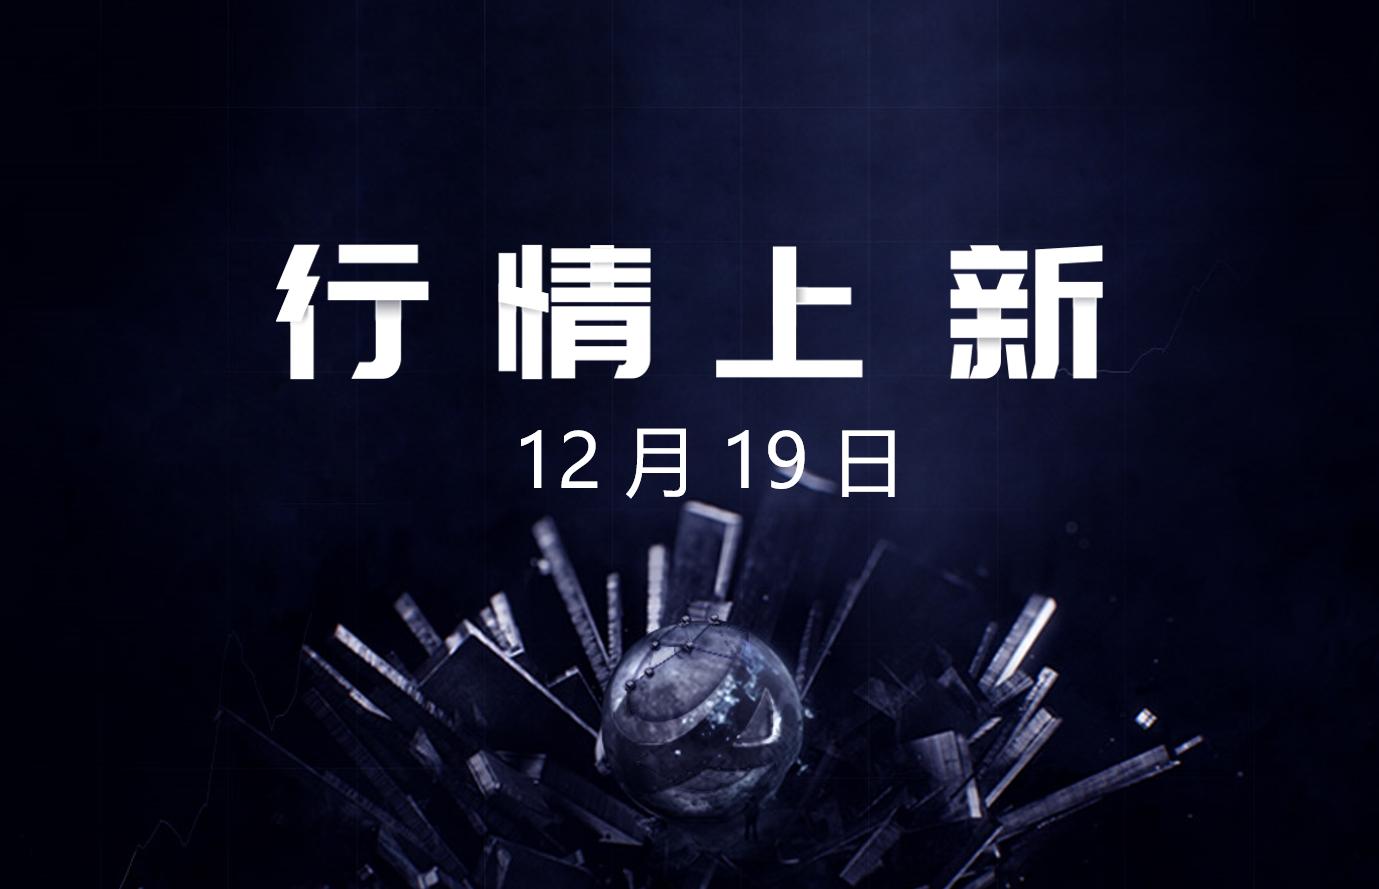 12月19日-AICoin 行情上新(新增27交易对,涉及5平台)_aicoin_图1